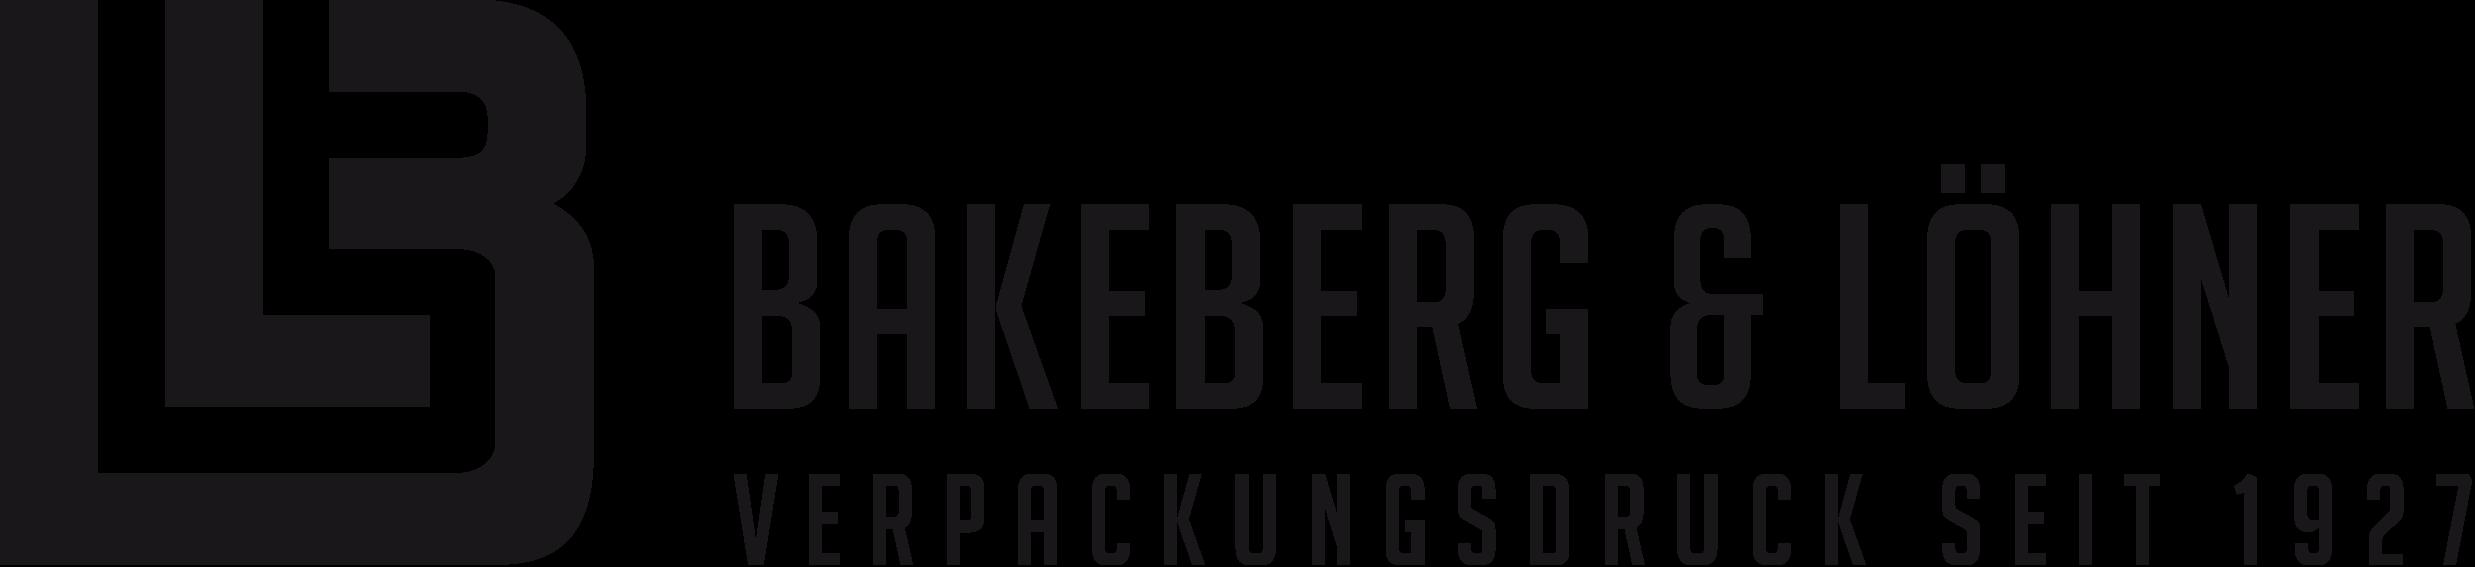 Bakeberg & Löhner Druckerei Hildesheim